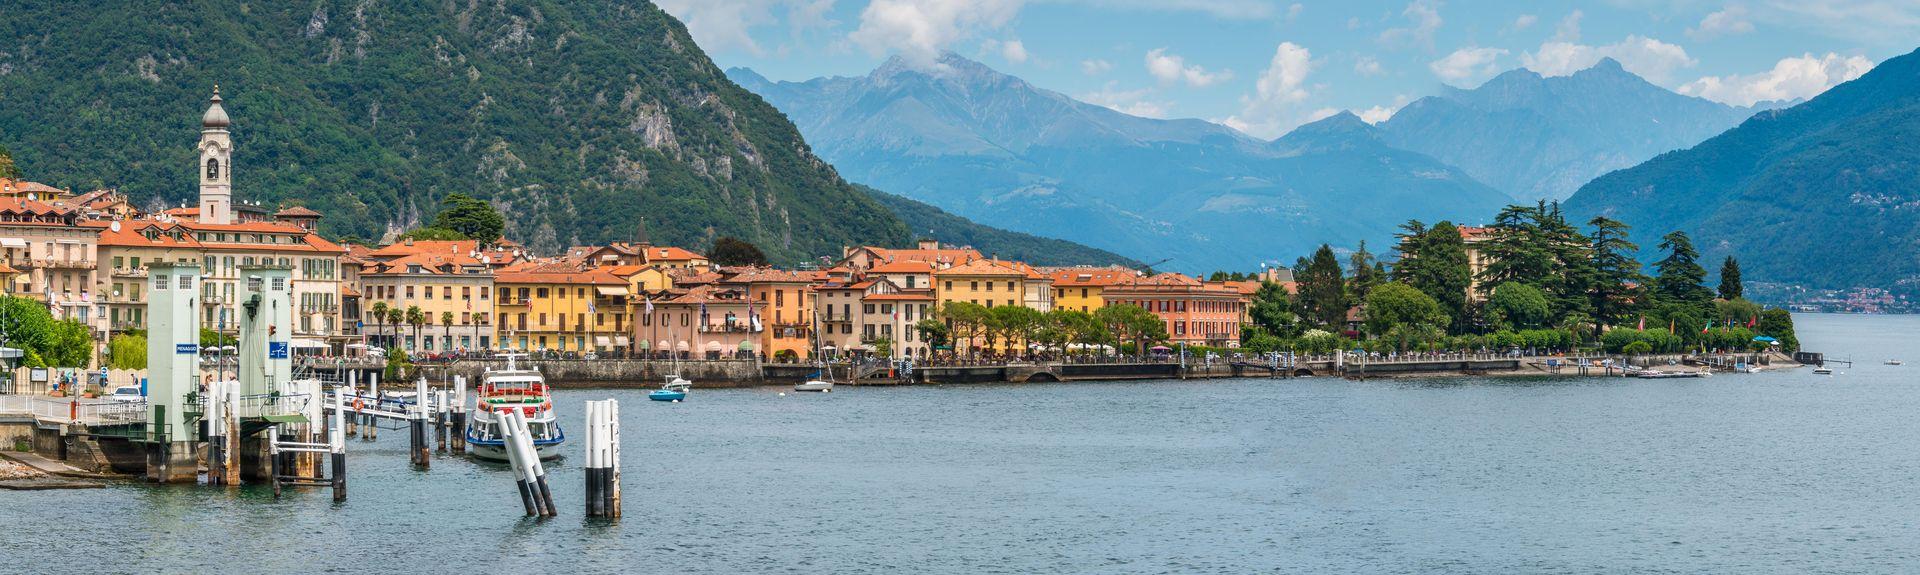 Menaggio, Lombardiet, Italien